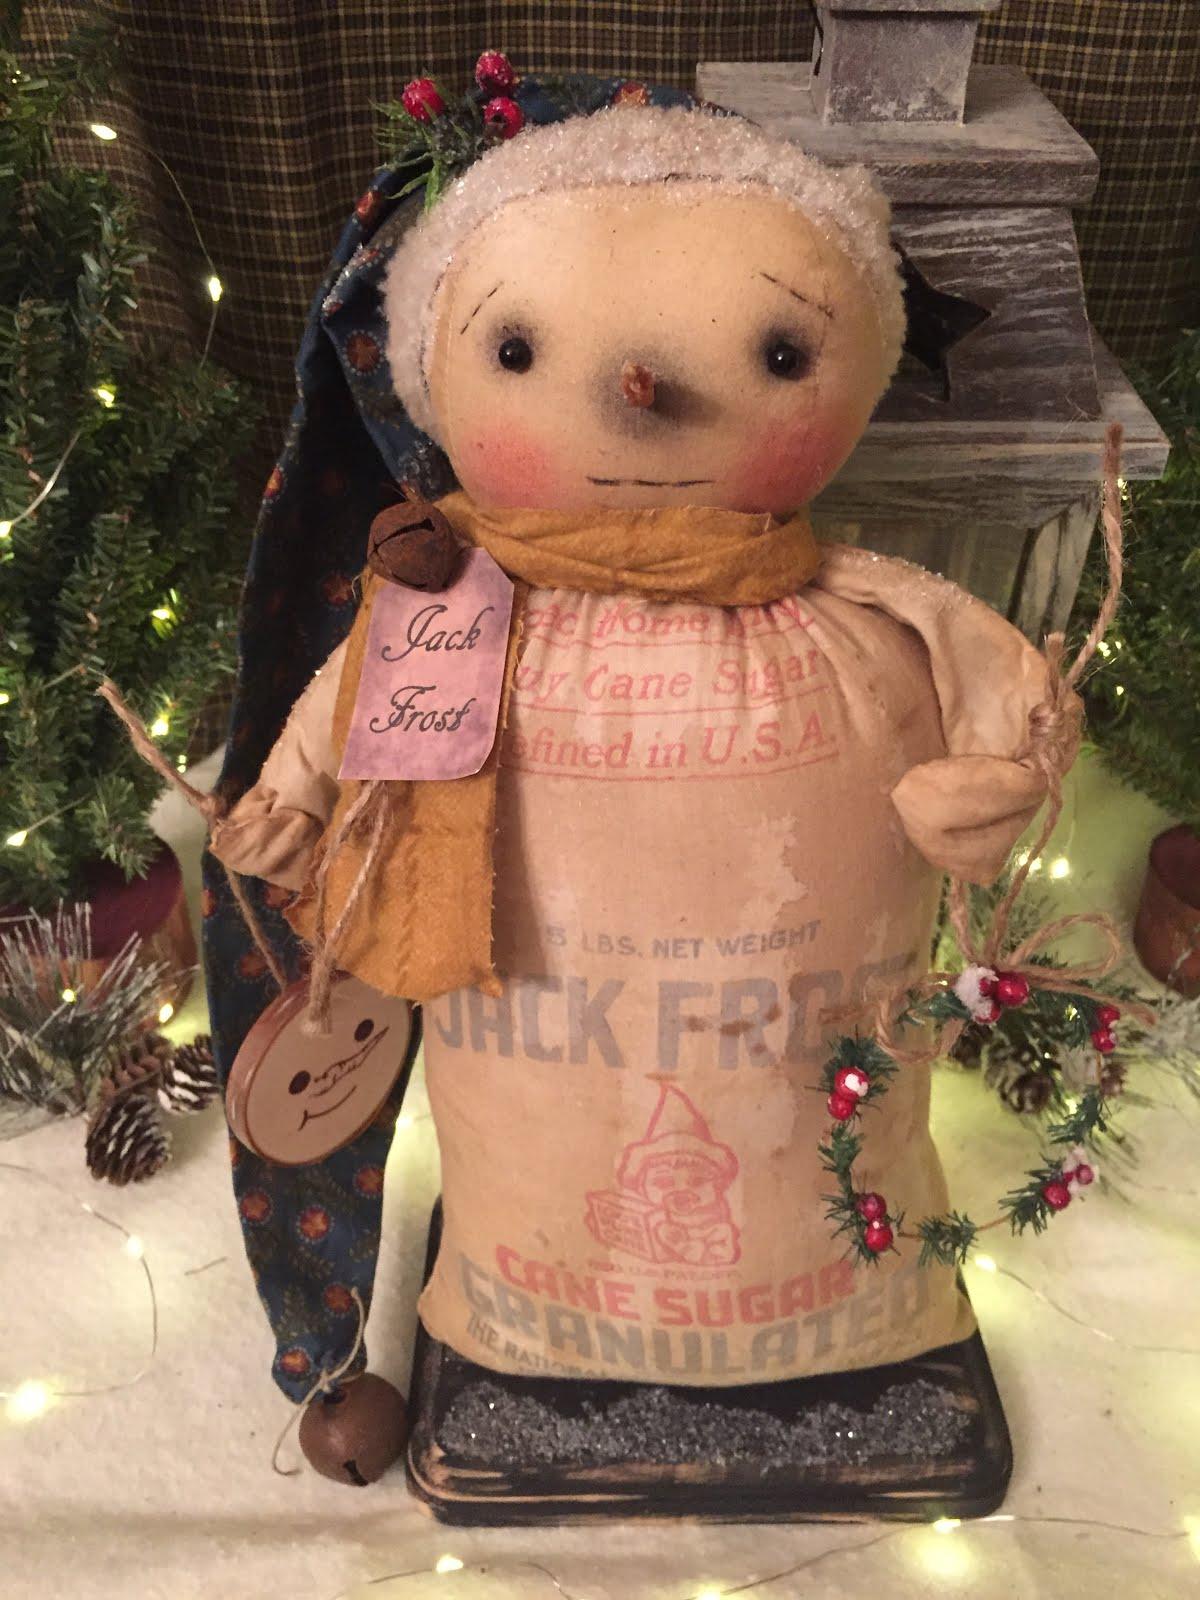 Jack Frost Vintage Sugar Sack Snowman